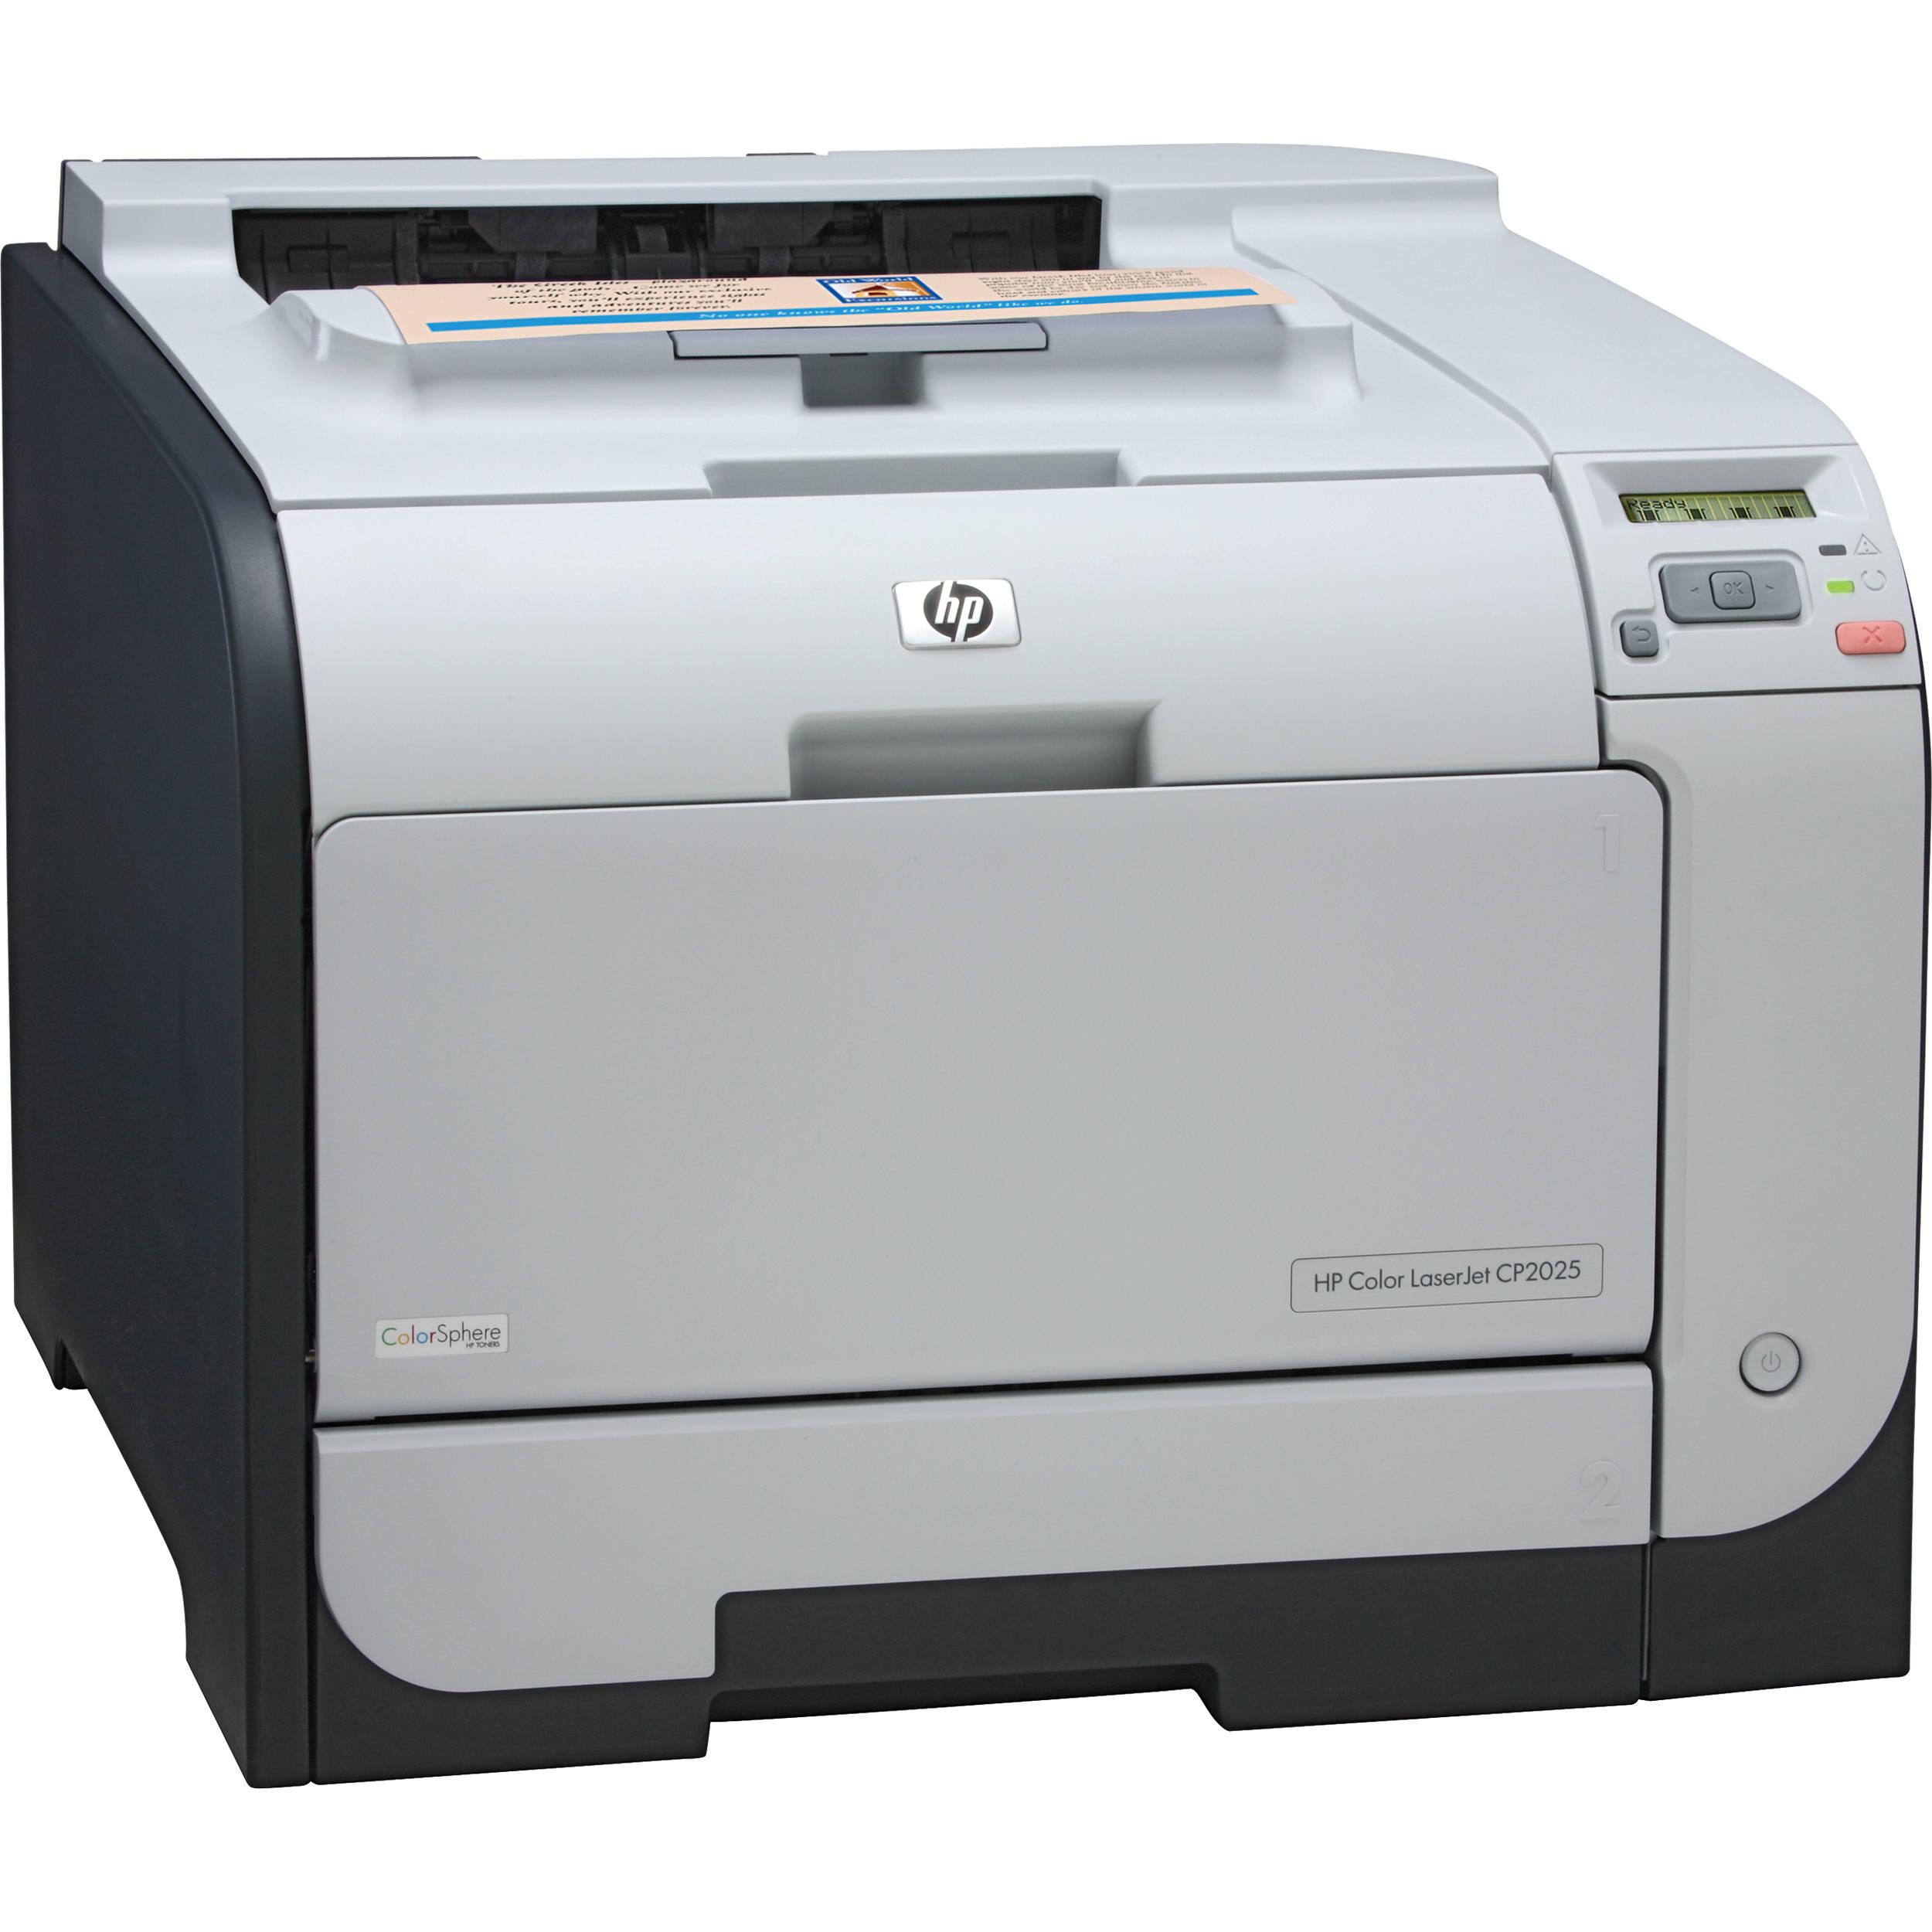 Best Used Color Laser Printer